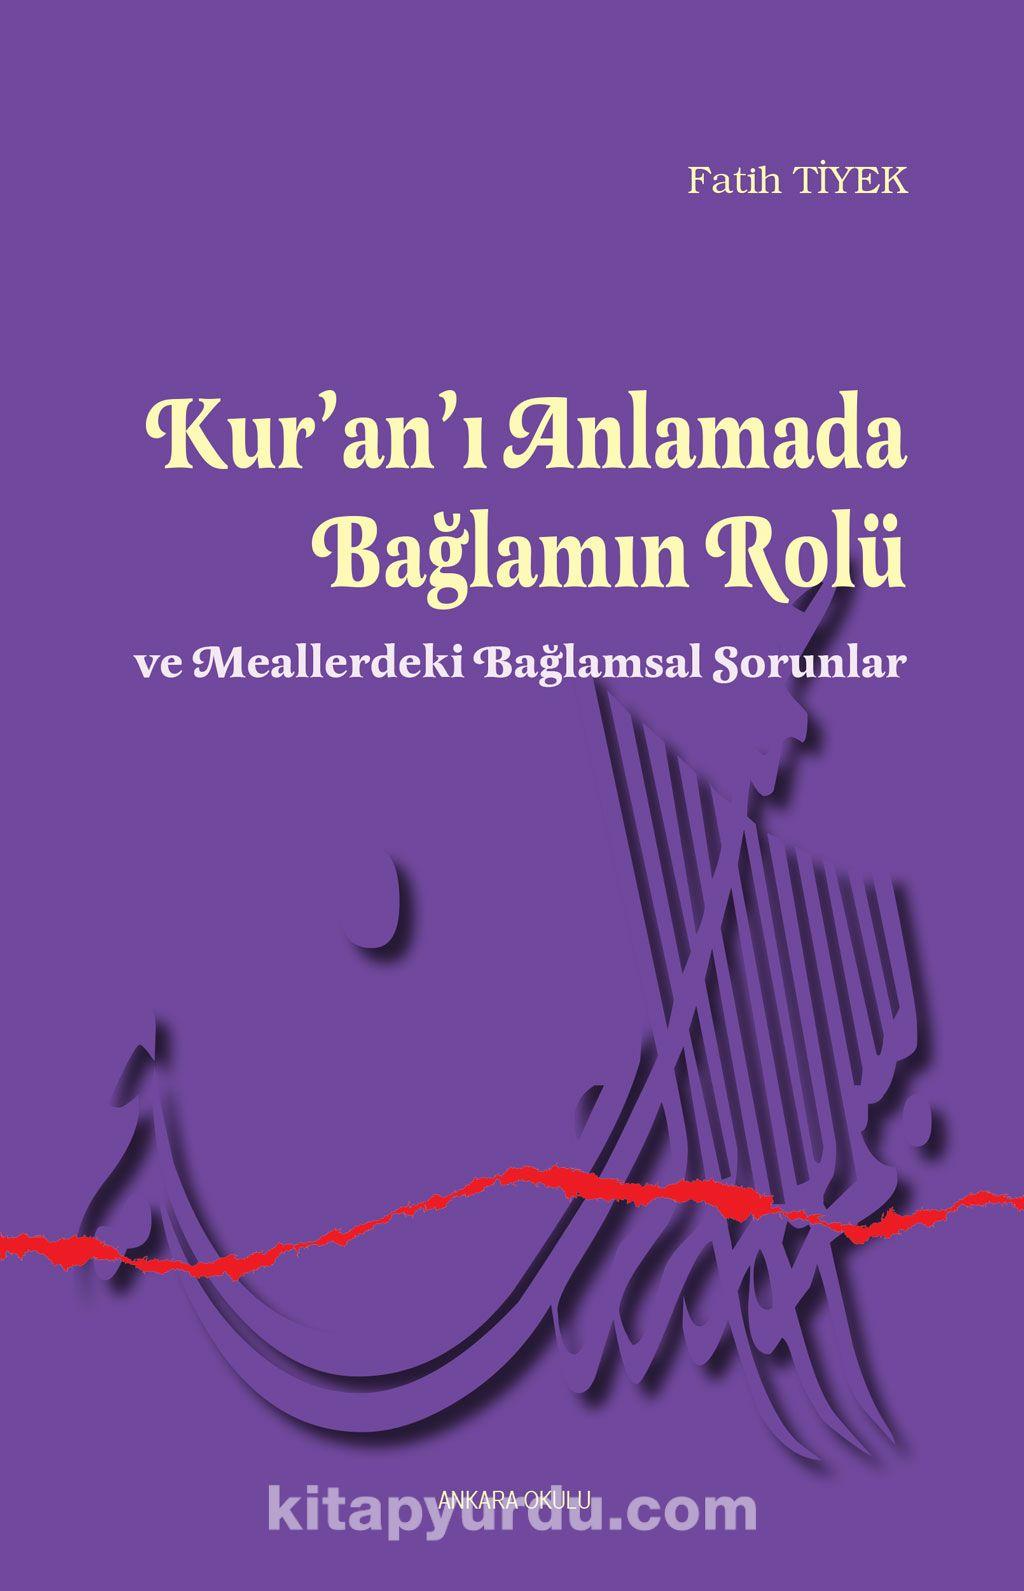 Ku'an'ı Anlamada Bağlamın Rolü ve Meallerdeki Bağlamsal Sorunlar - Fatih Tiyek pdf epub